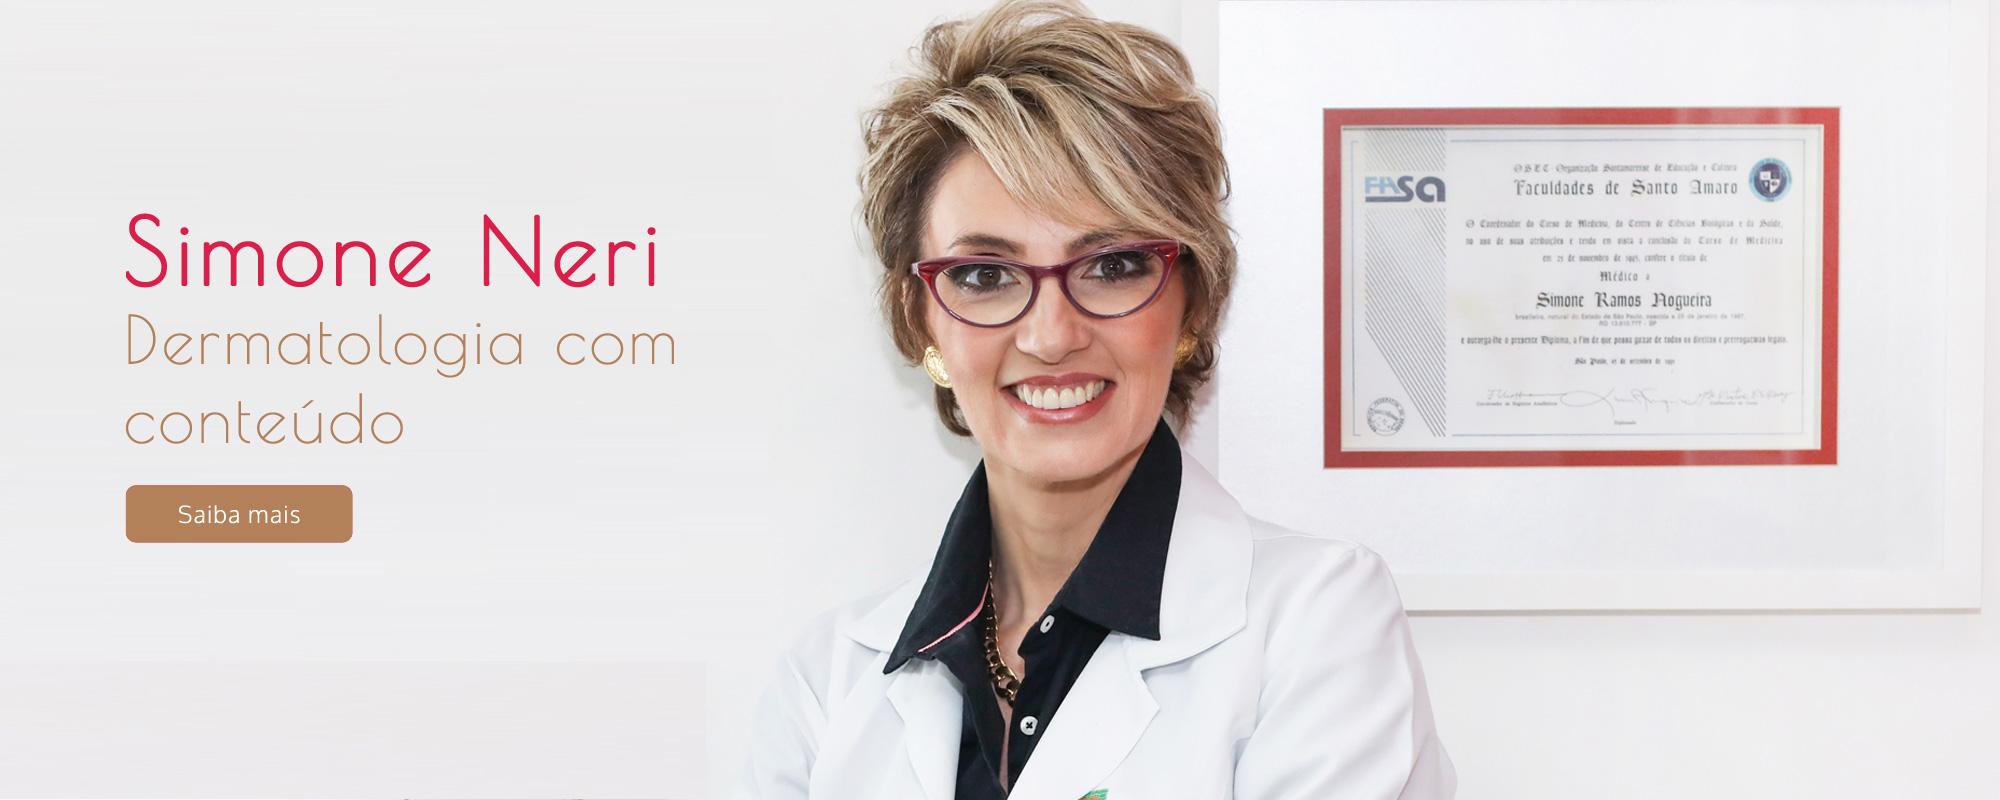 Simone Neri, dermatologia com conteúdo